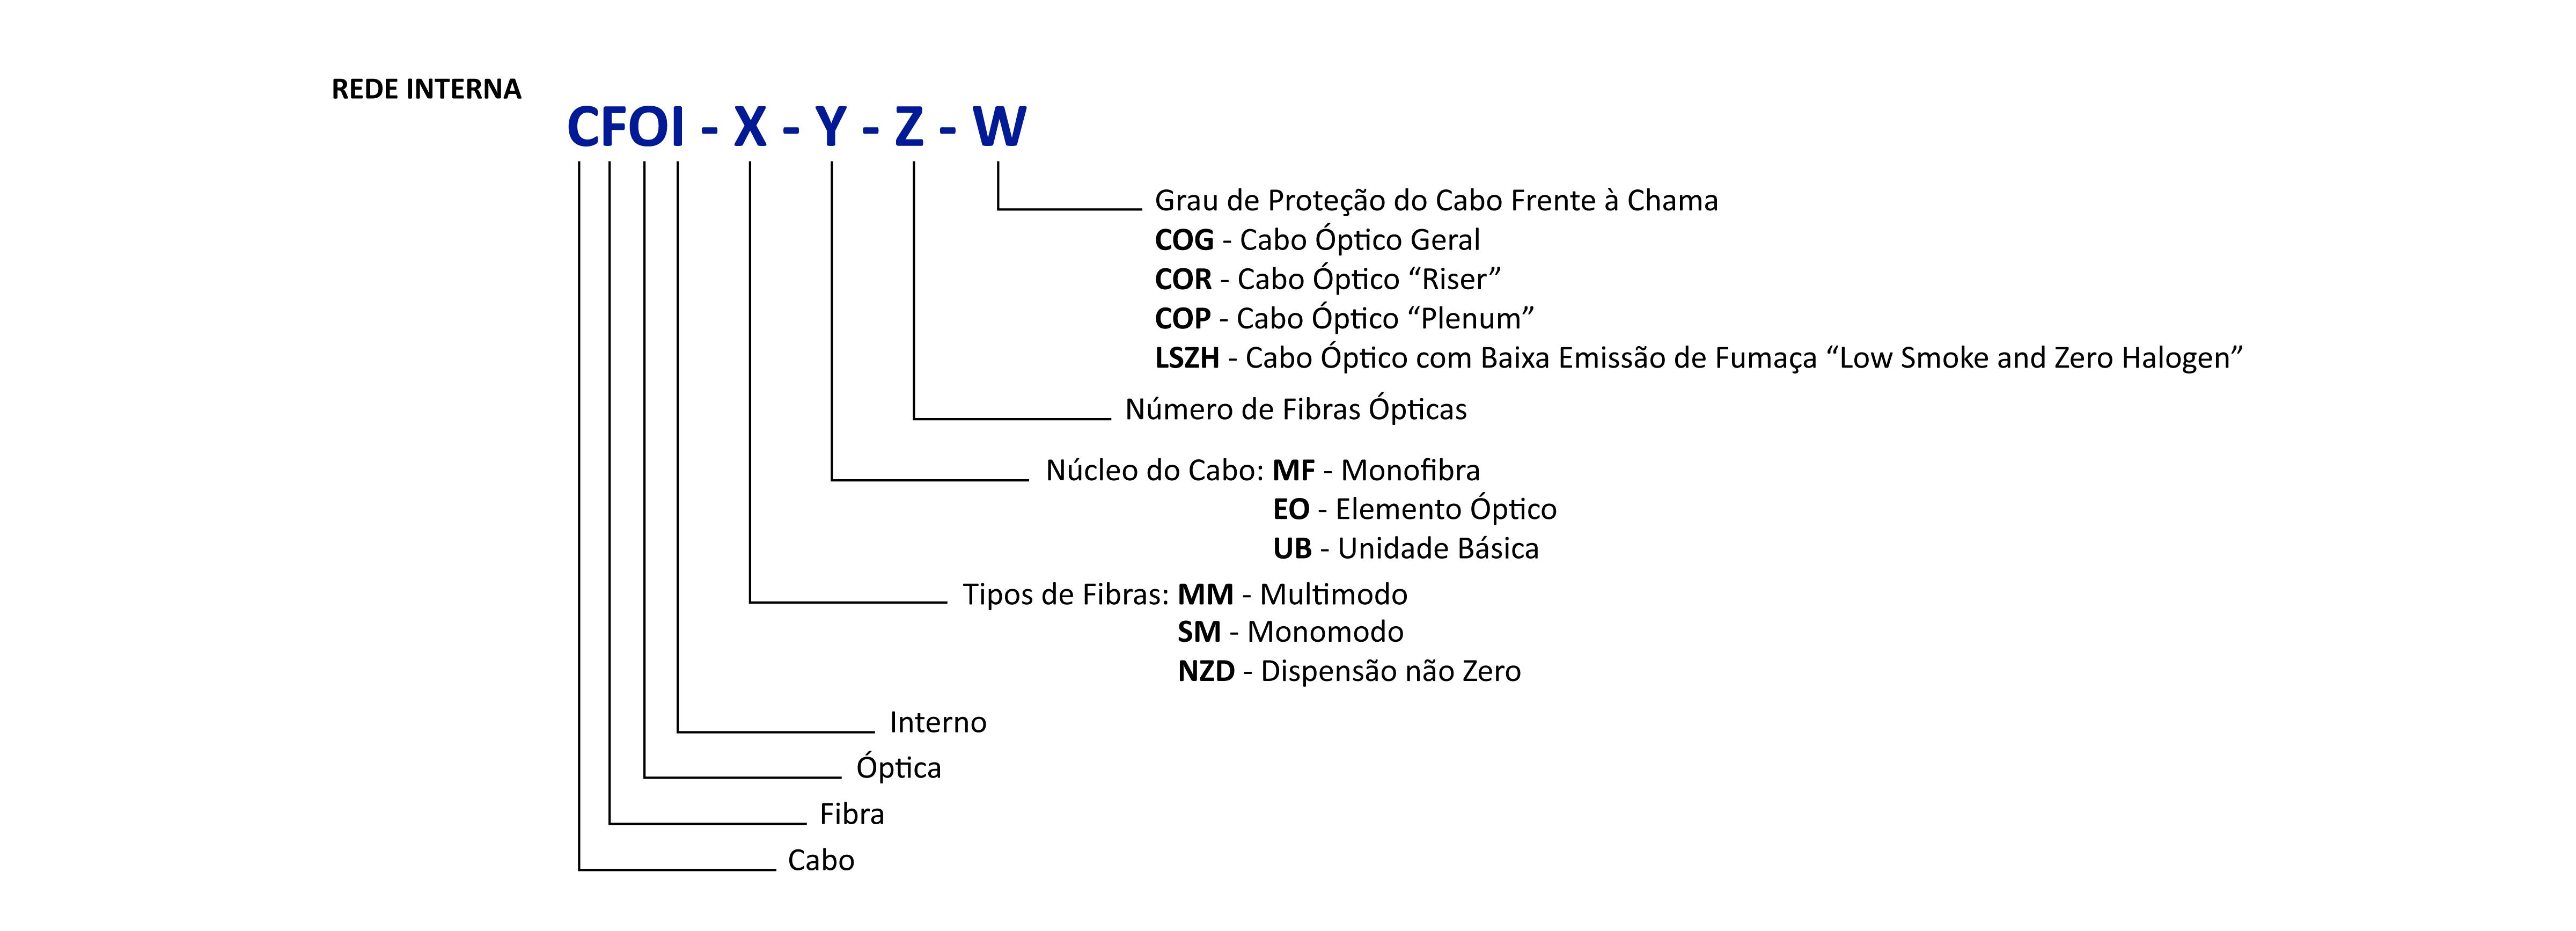 Abaixo algumas nomenclaturas gravadas em cabos internos e externos: